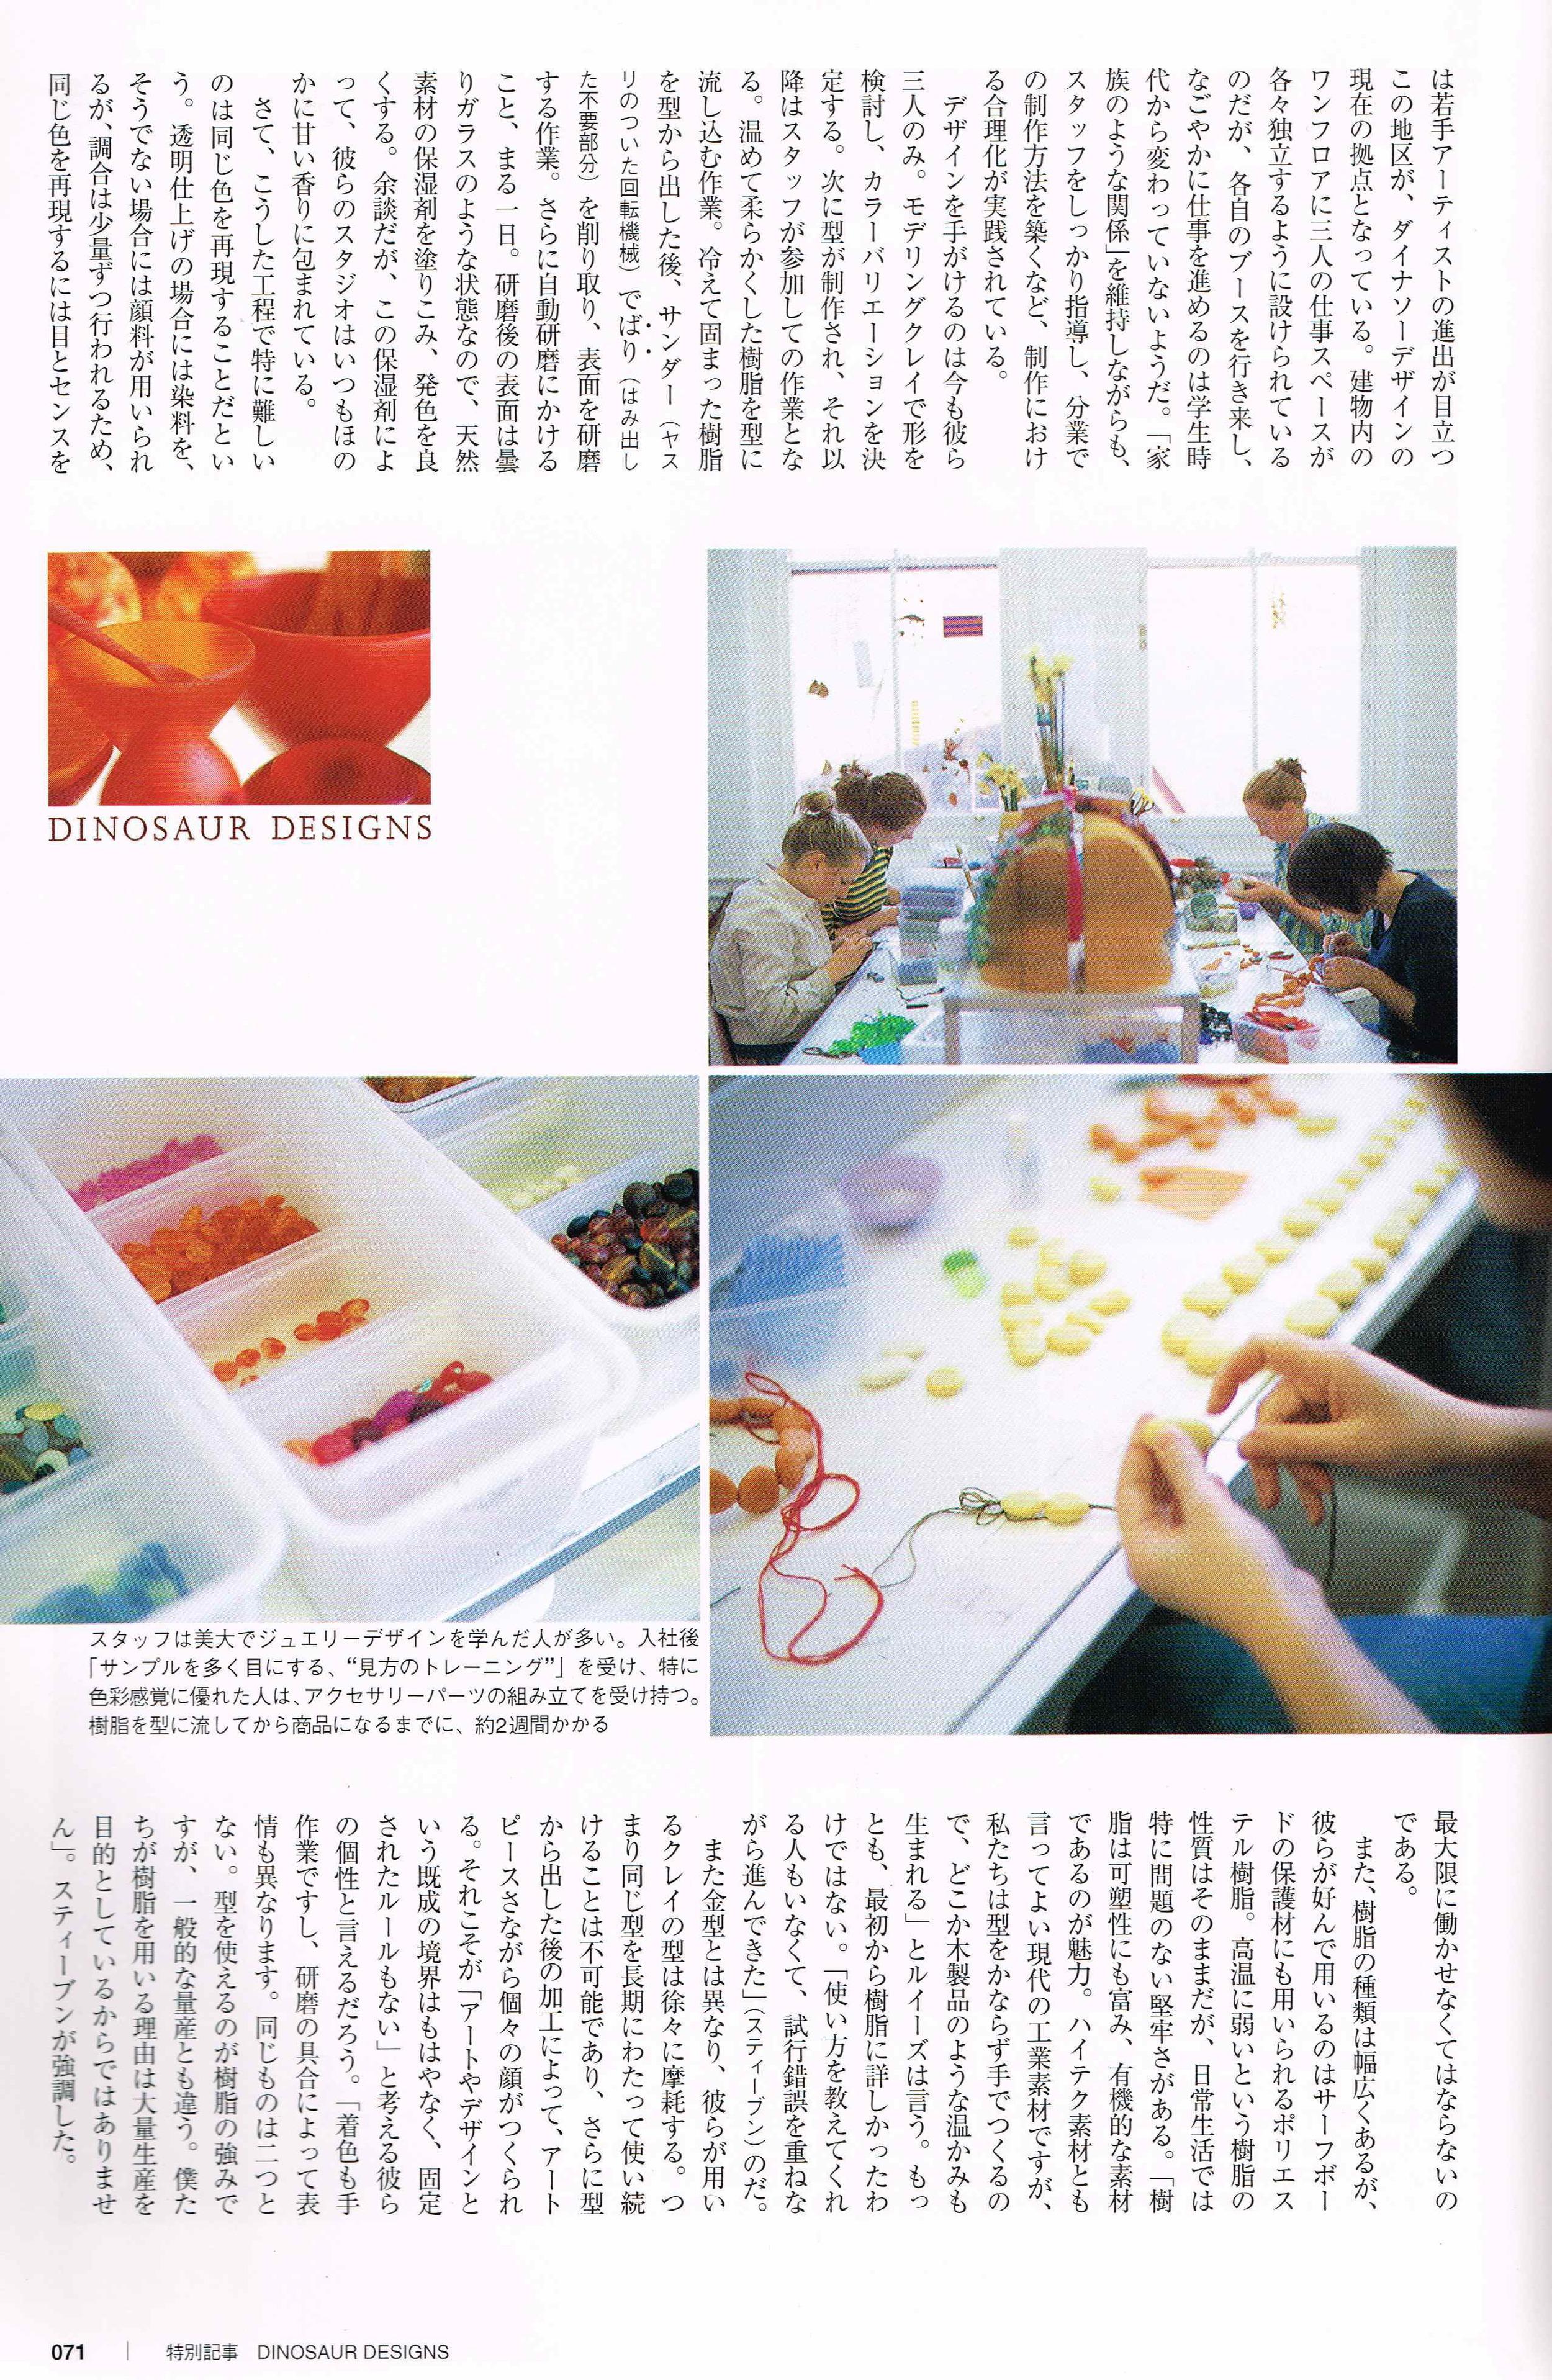 DESIGNERS WORKSHOP JAPAN 2003 P6.jpg